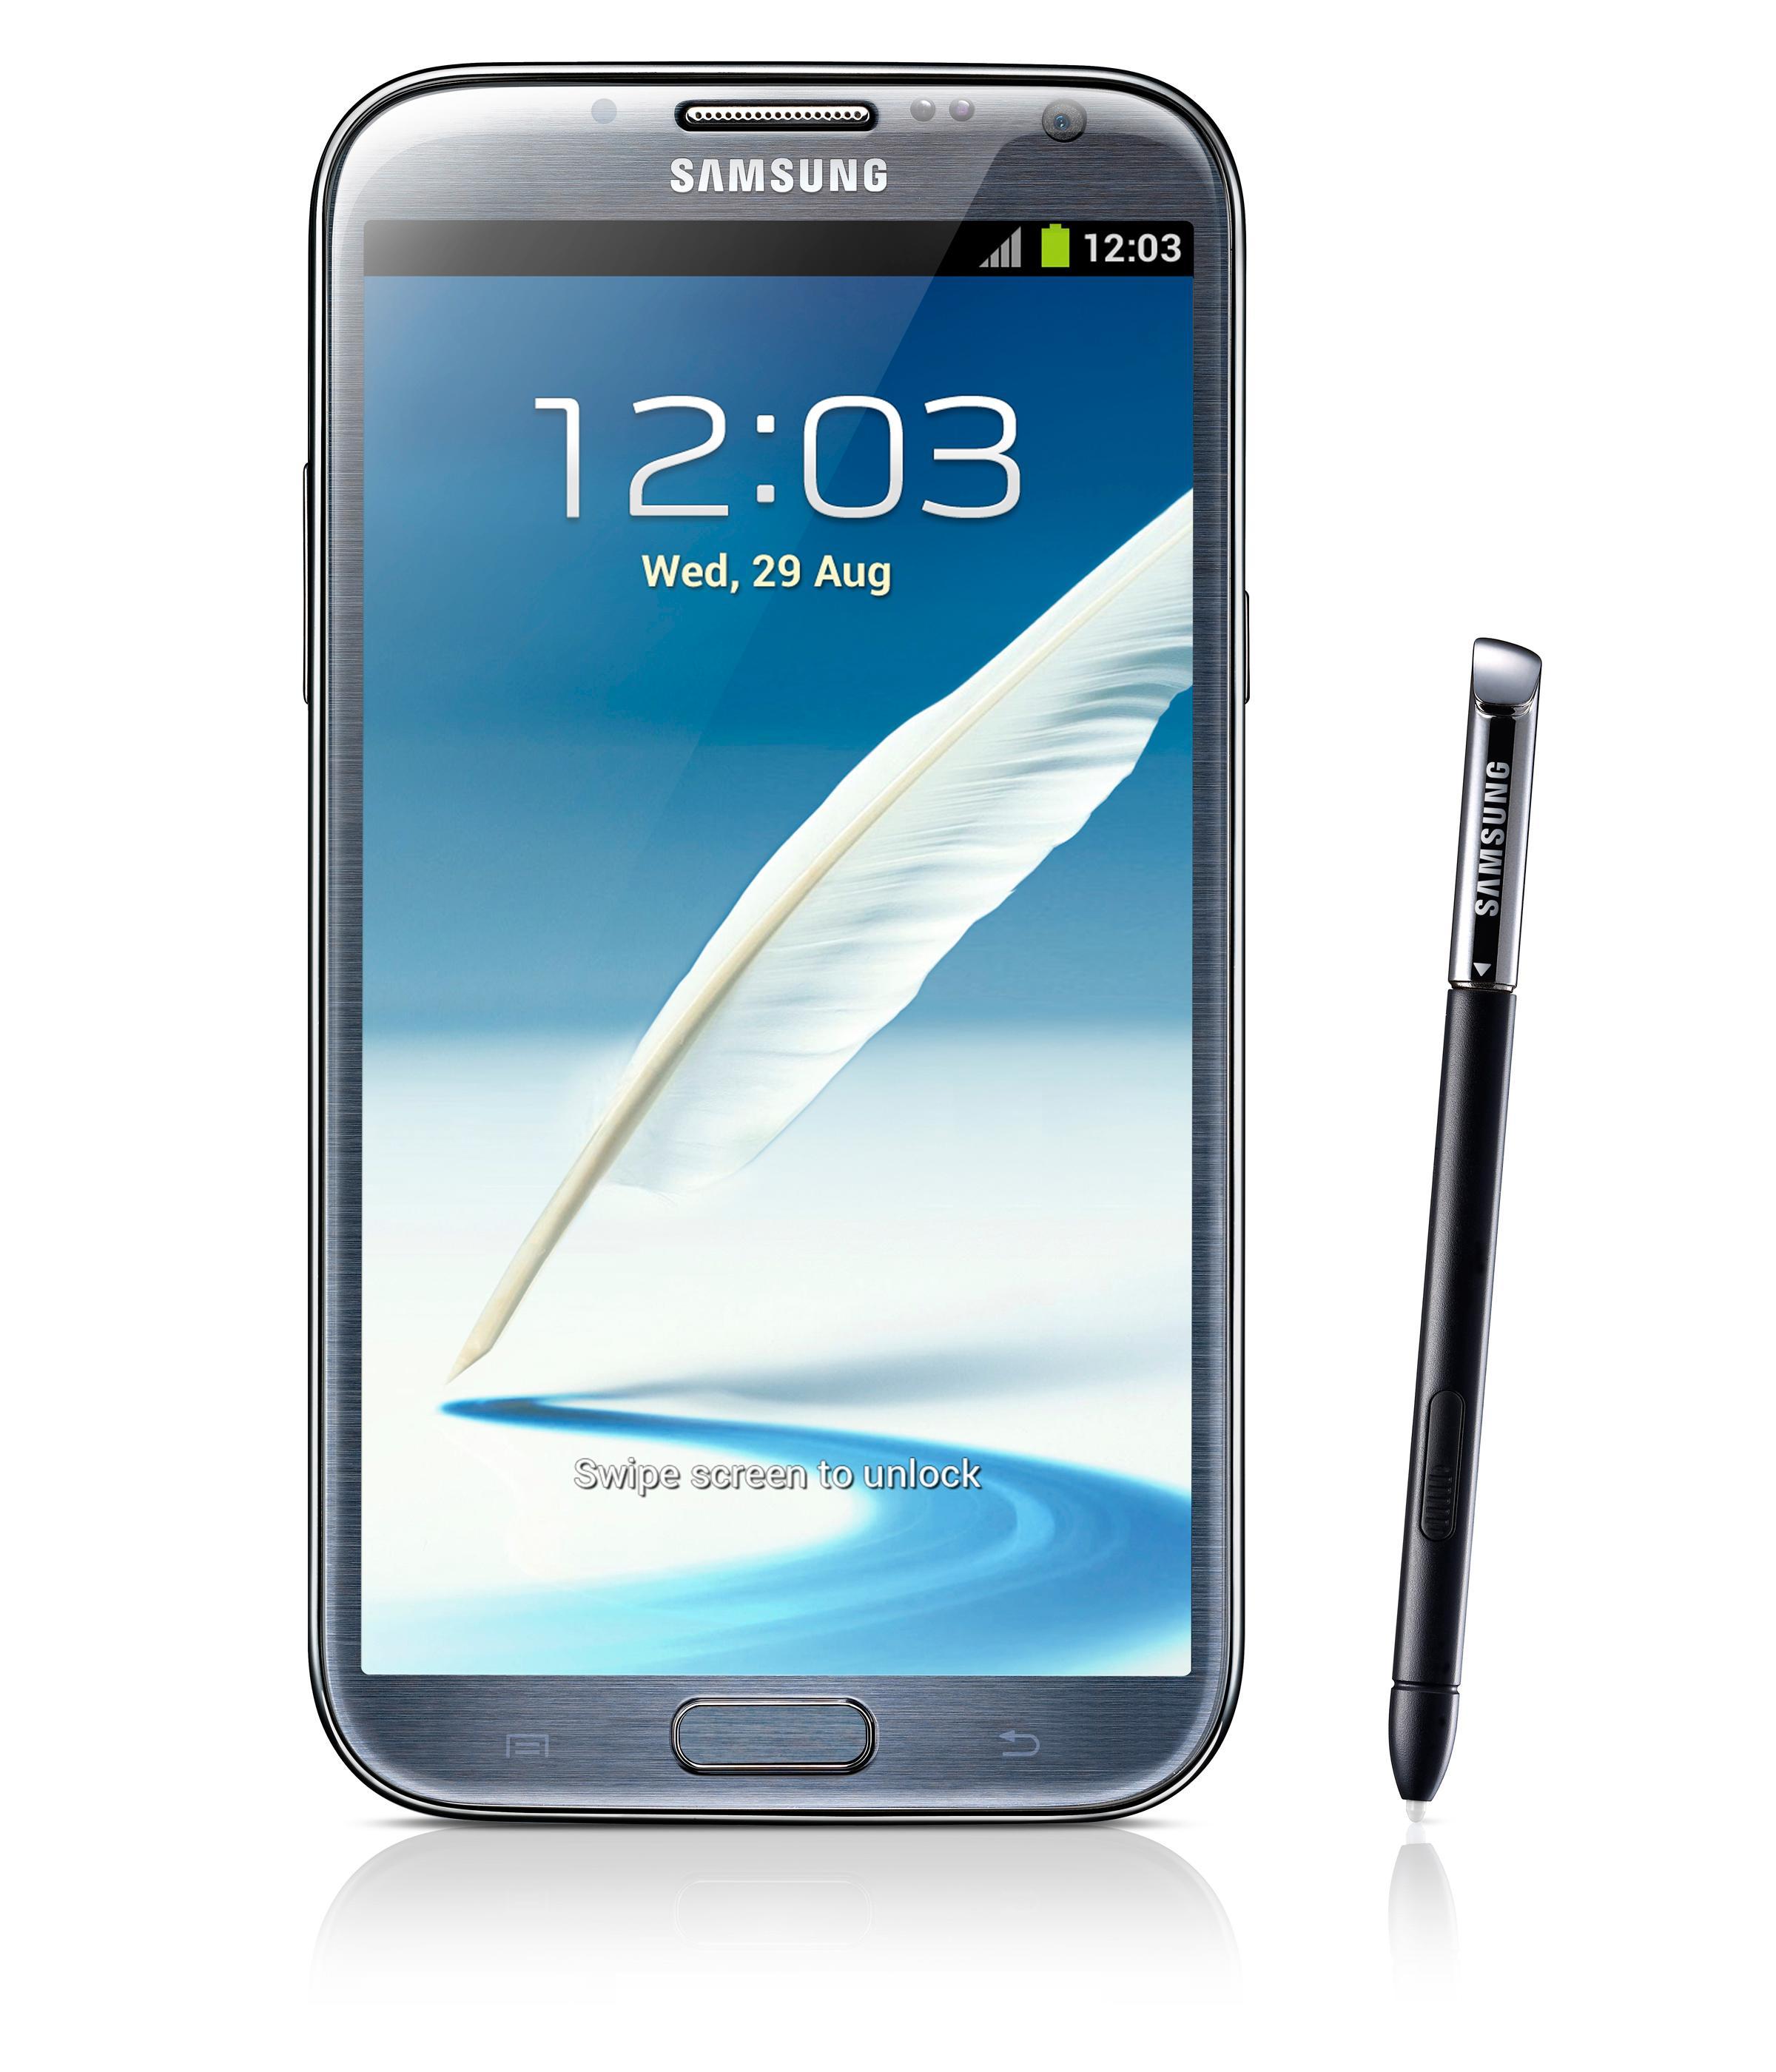 Nettstedet Phandroid spekulerer i at Samsung vil forsøke å gjenskape funksjonene fra den digitale pennen som følger med Galaxy Note-serien, med fingre i stedet.Foto: Samsung